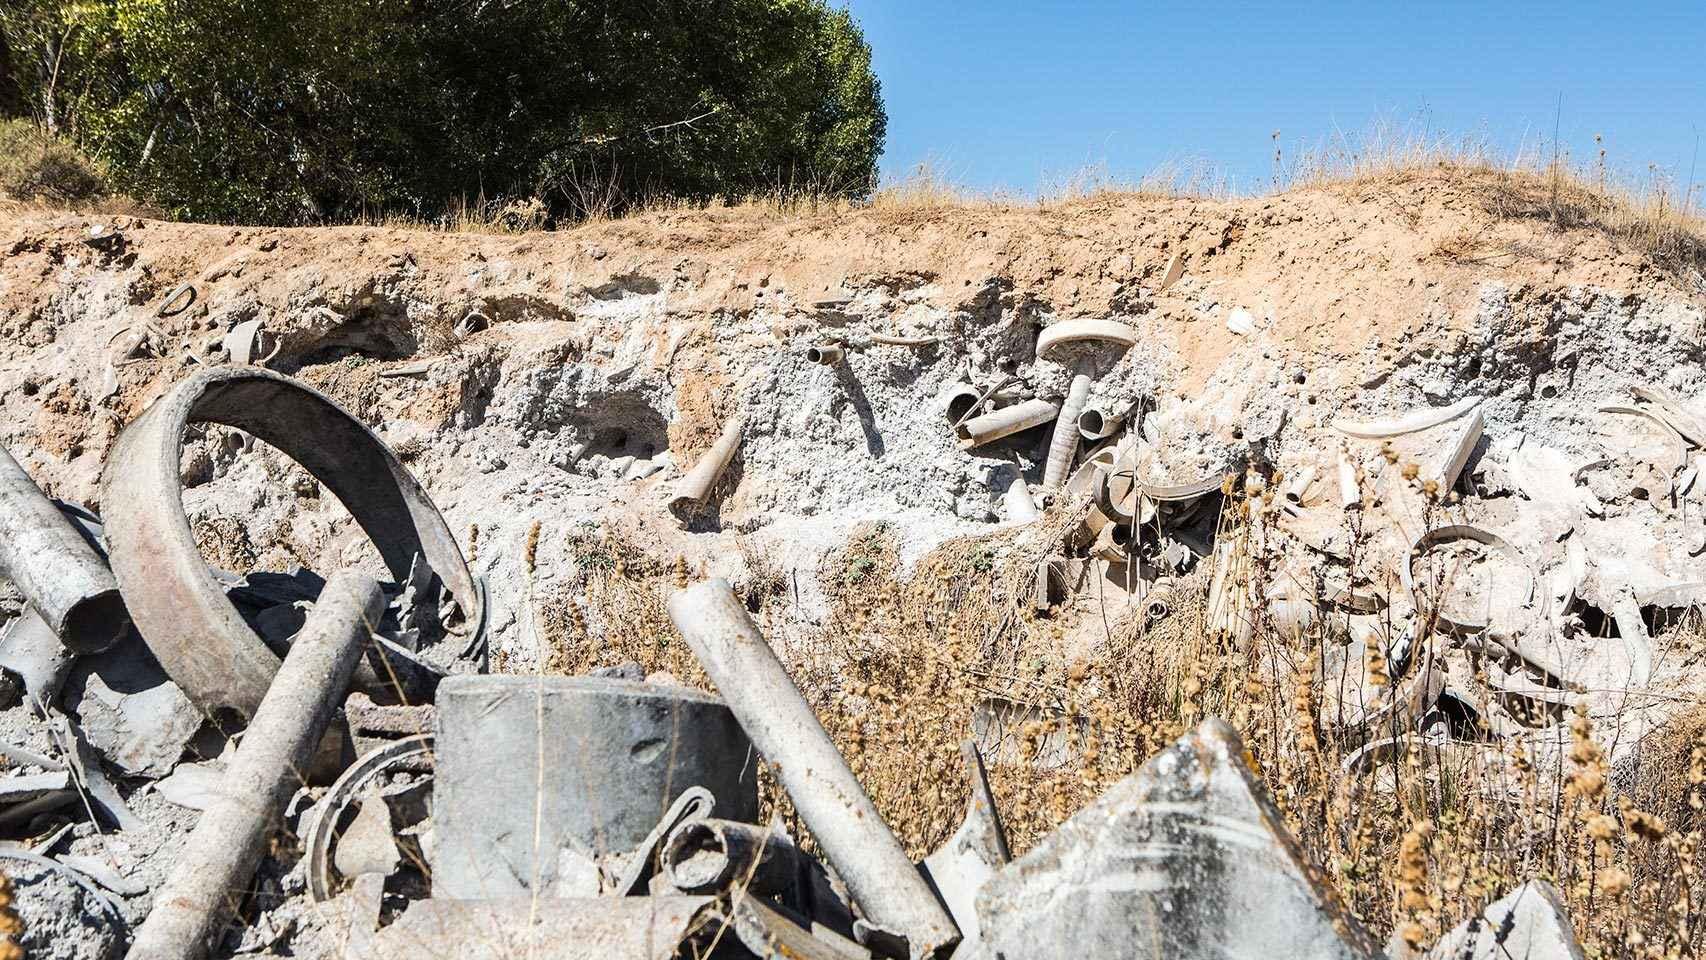 Restos de tubos y ladera degradada formada por el lodo.